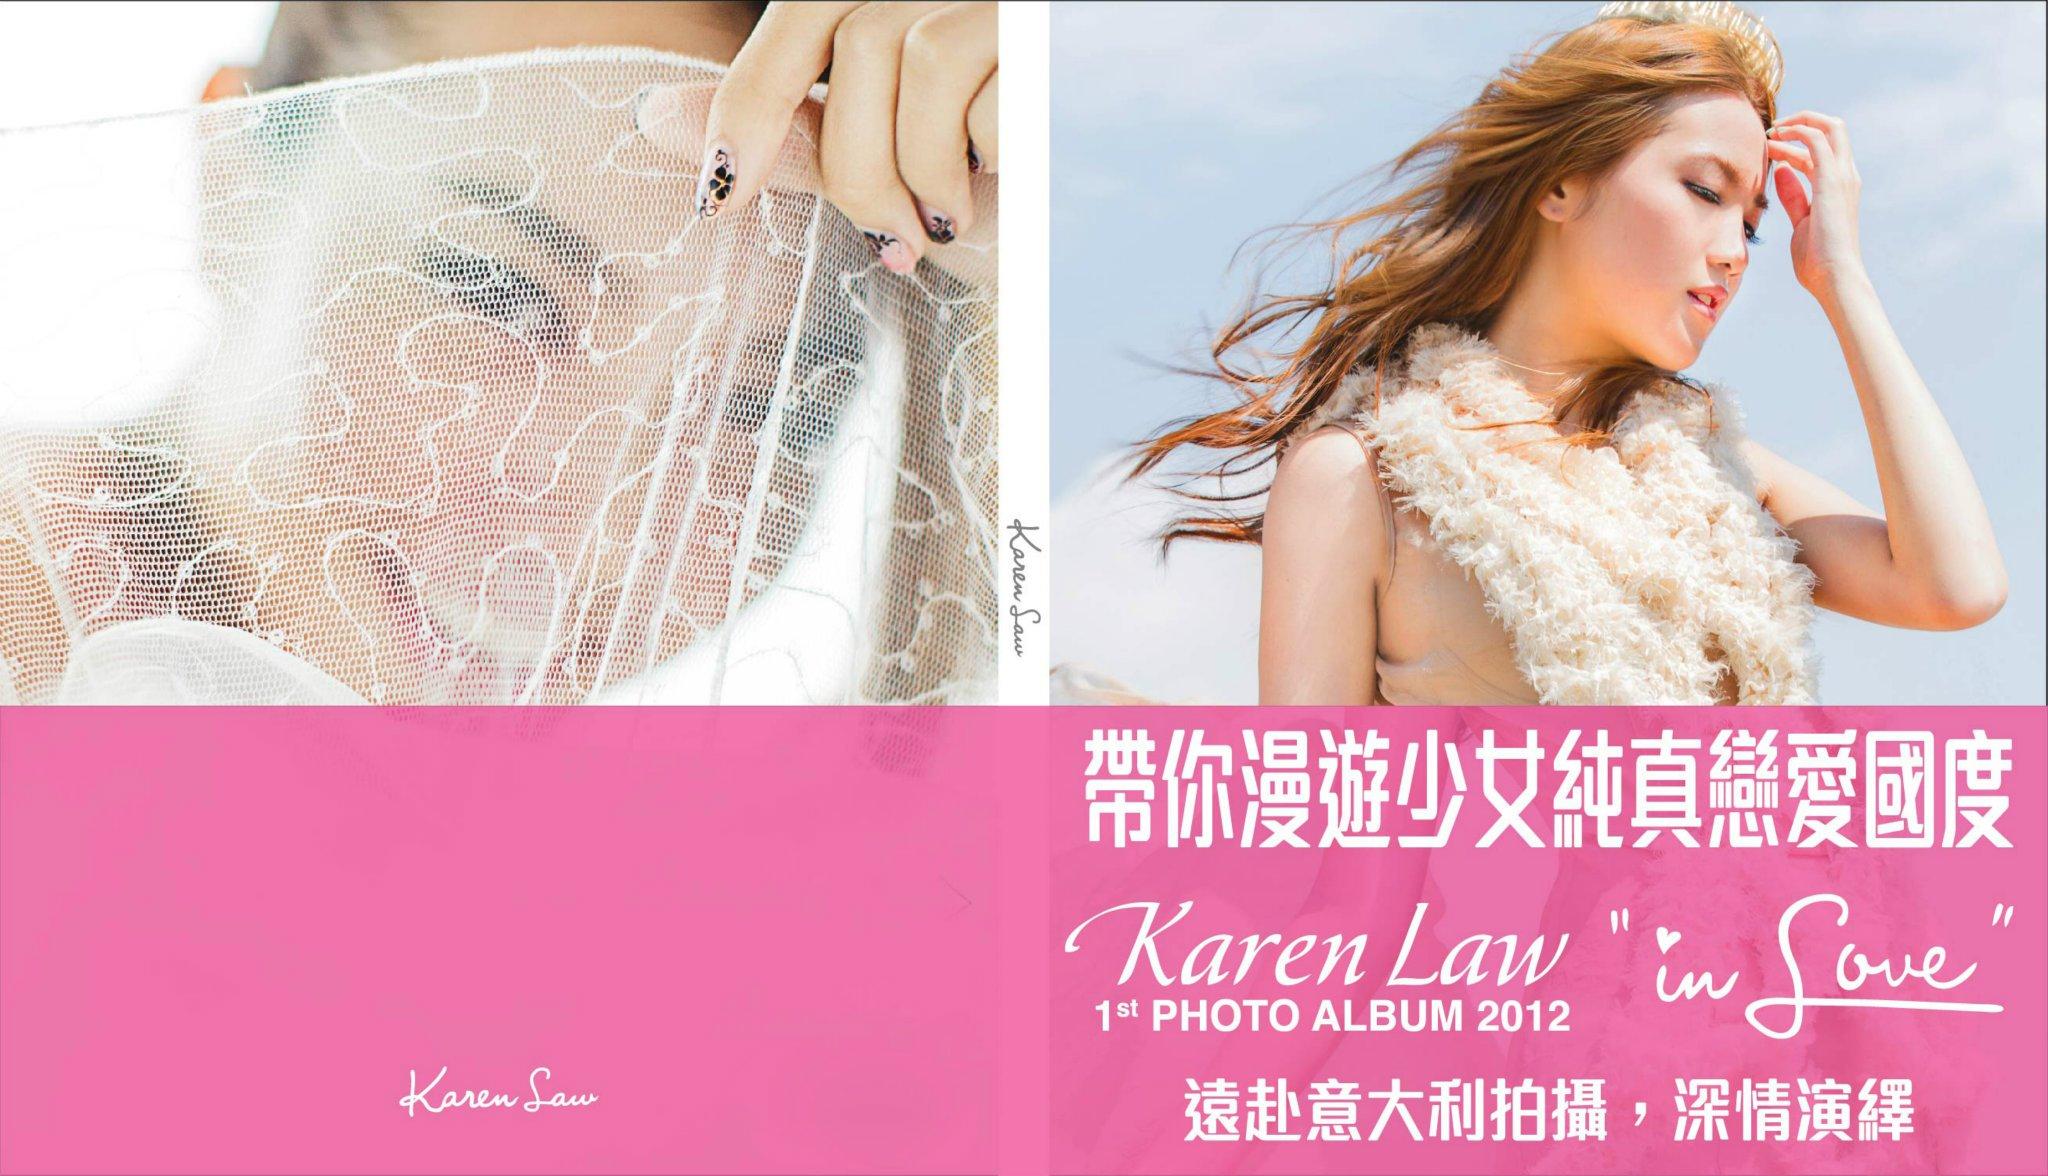 Karen Law